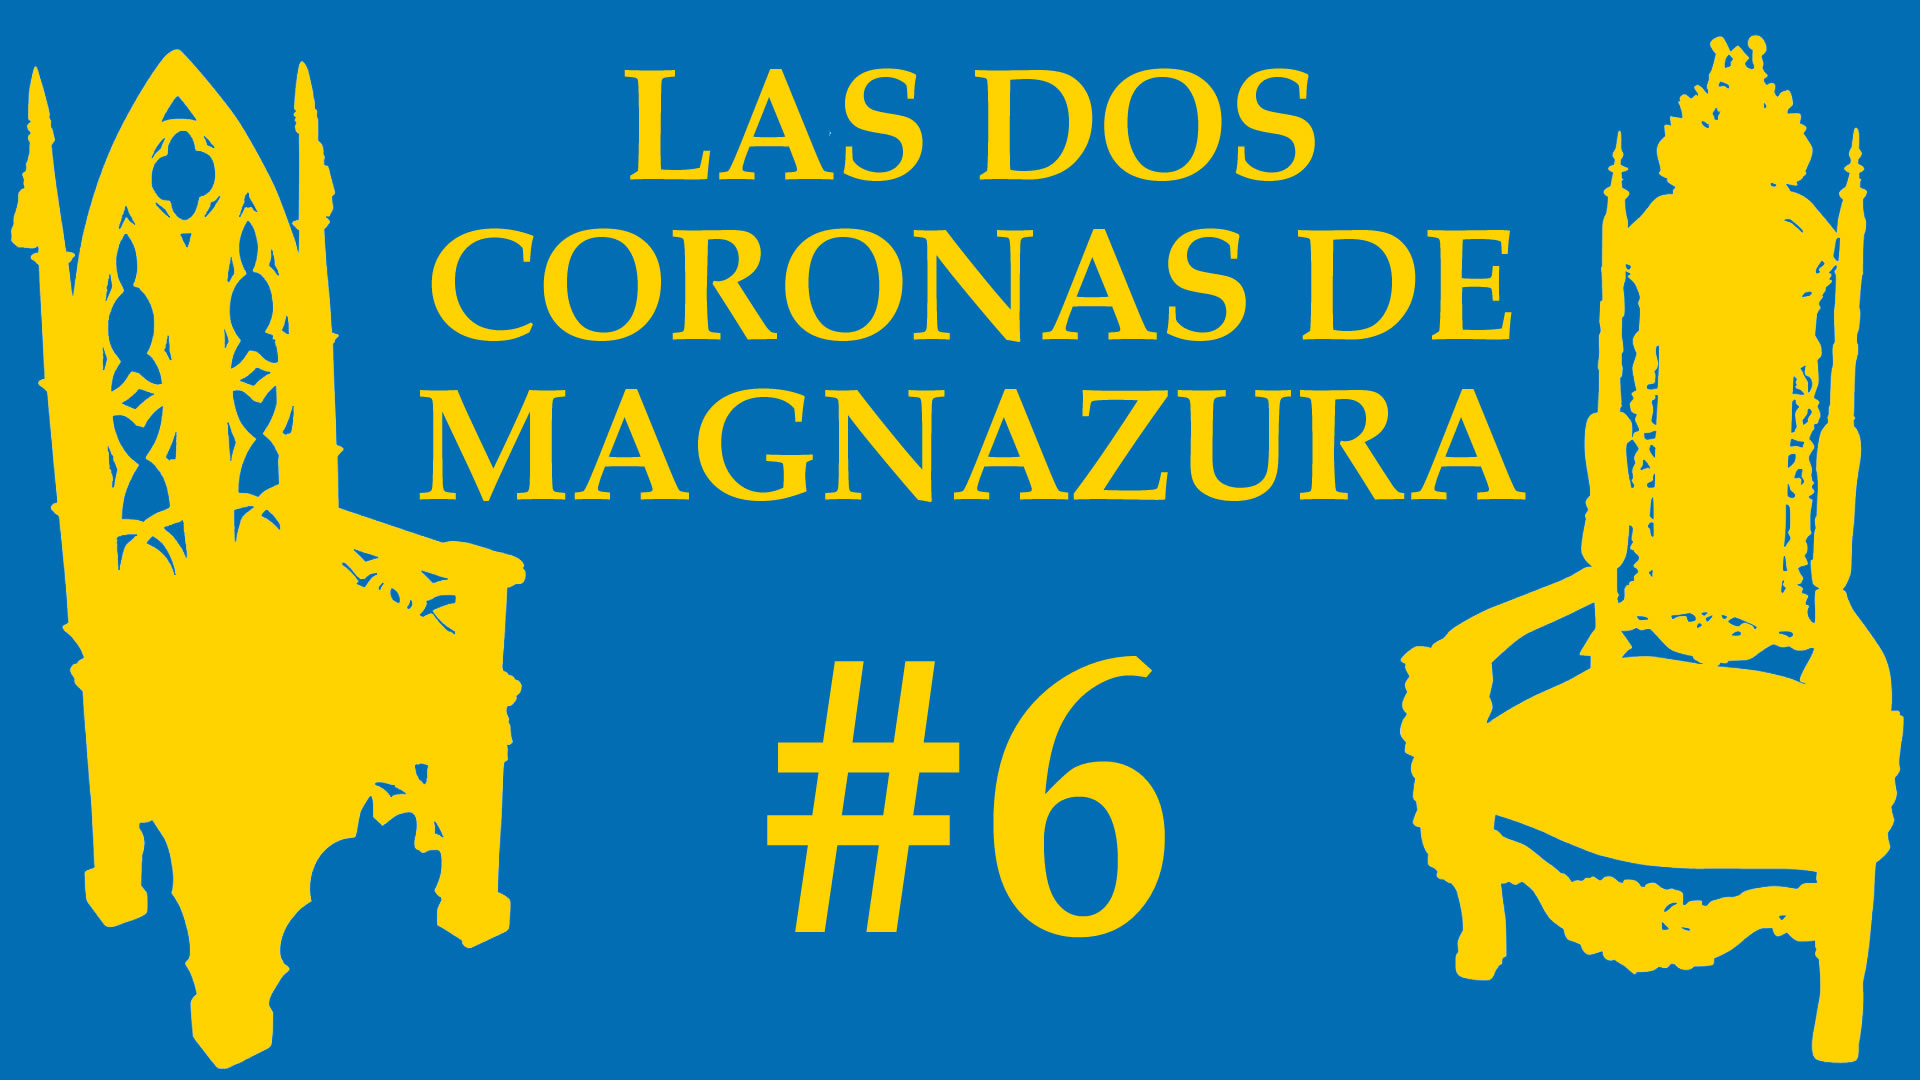 Las Dos Coronas de Magnazura #6 La noche más clara